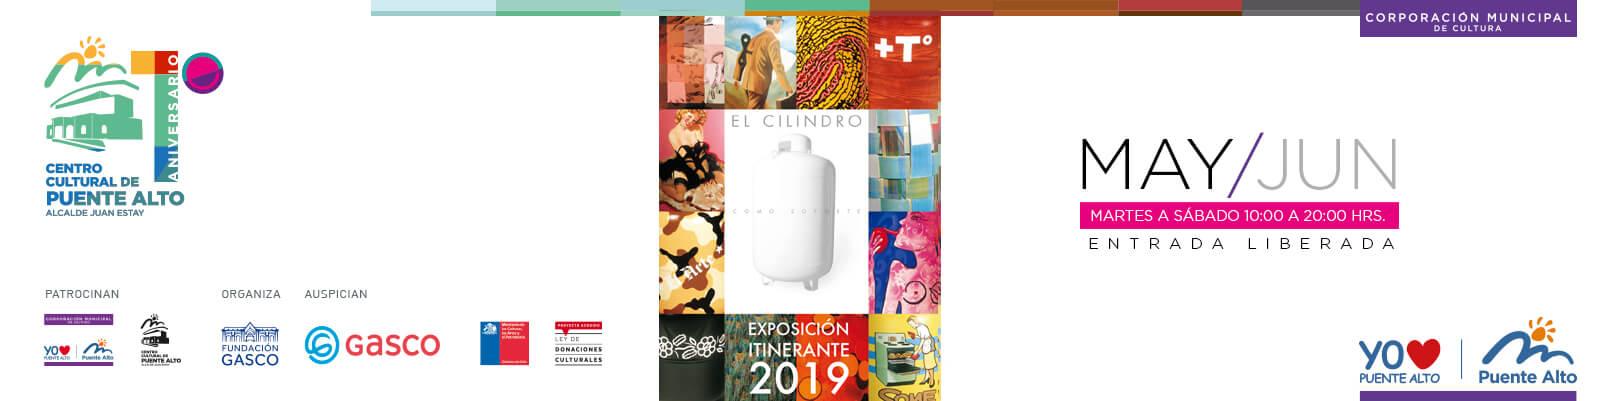 Visita la nueva exposición de nuestro Centro Cultural de Puente Alto.